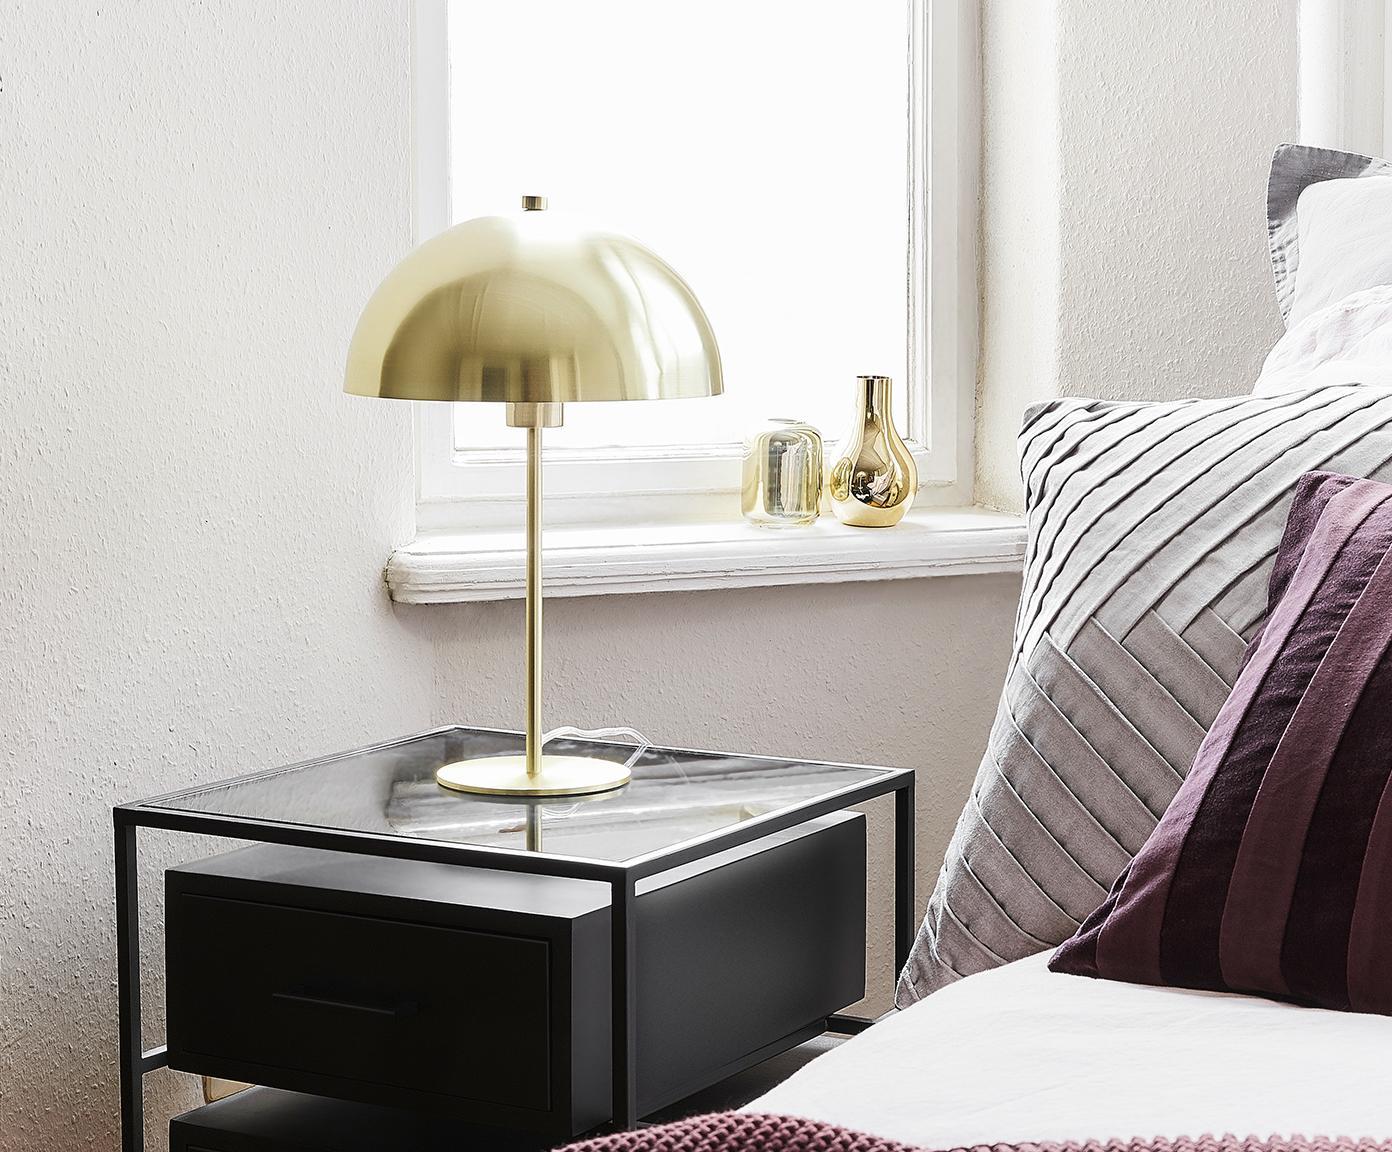 Tafellamp Matilda, Lampenkap: vermessingd metaal, Lampvoet: vermessingd metaal, Messingkleurig, Ø 29 x H 45 cm